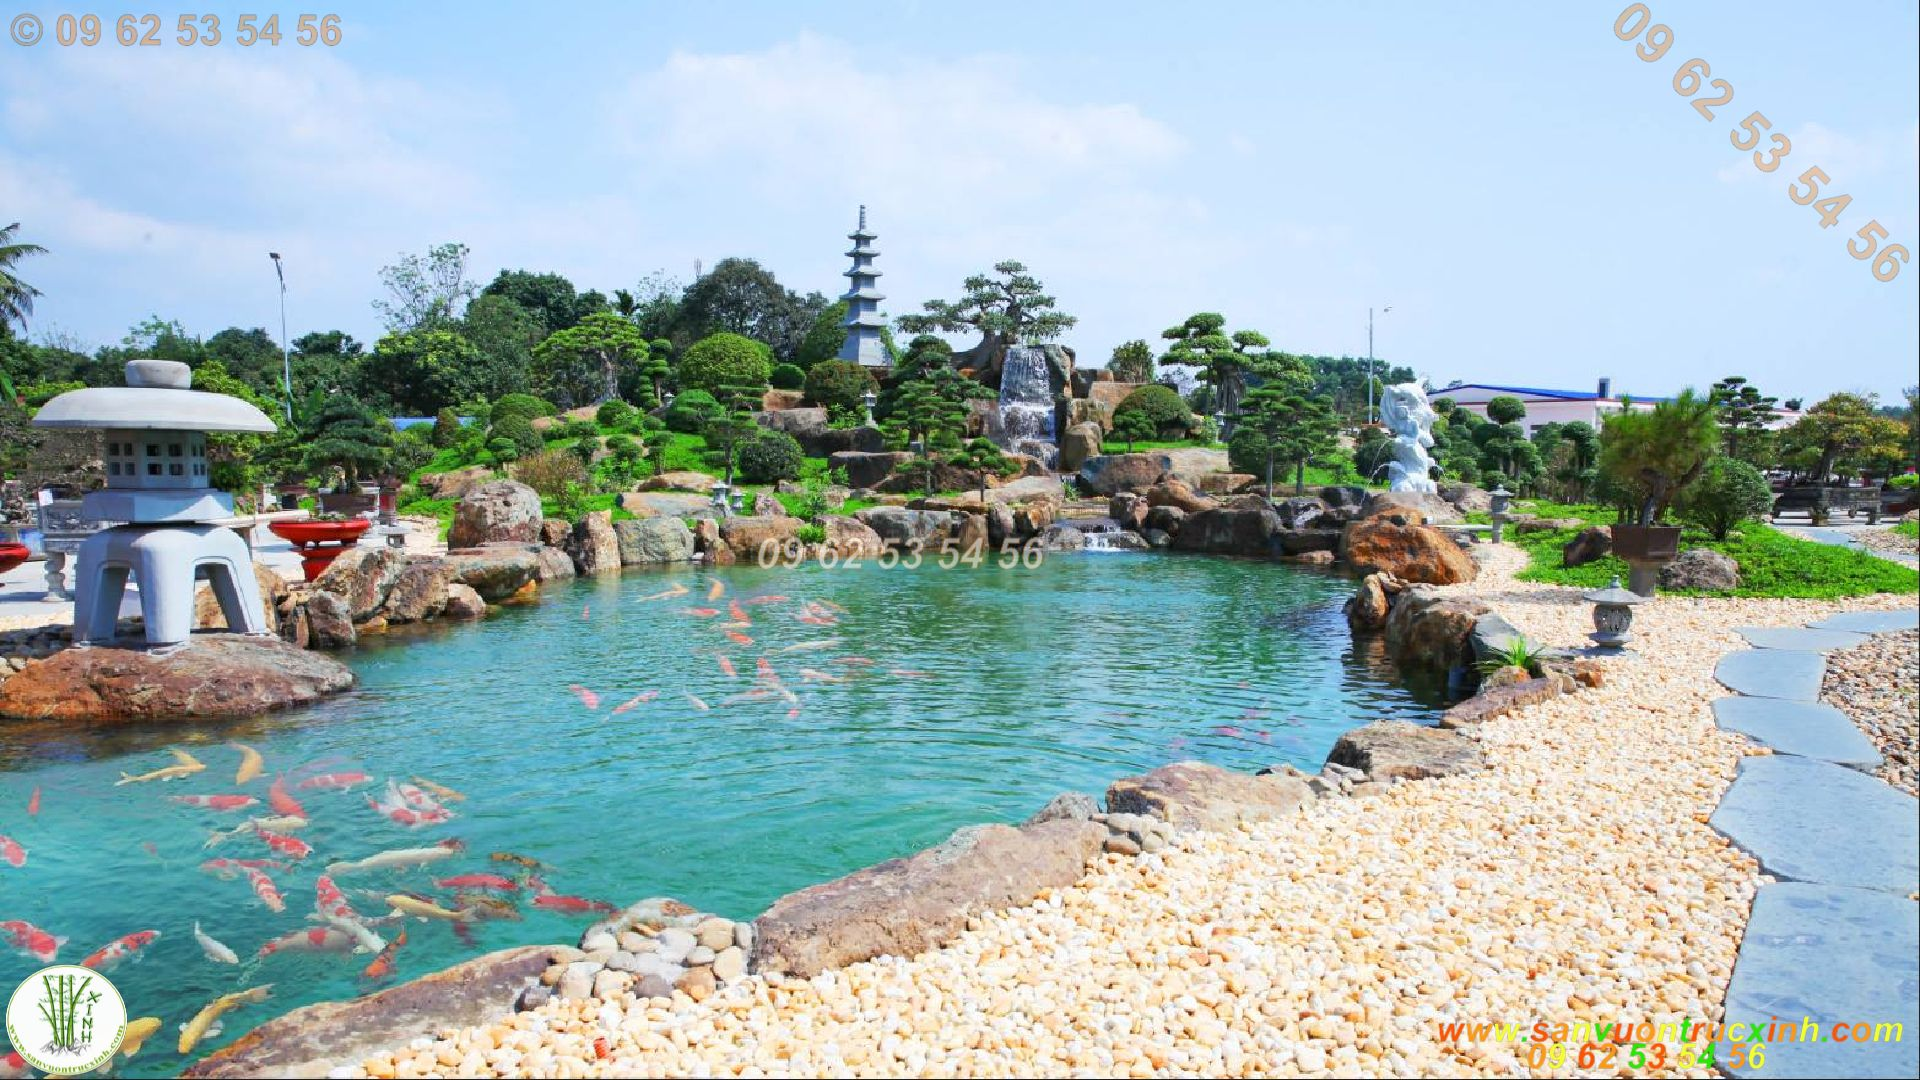 Mẫu hồ cá Koi sân vườn kết hợp thác nước hòn non bộ